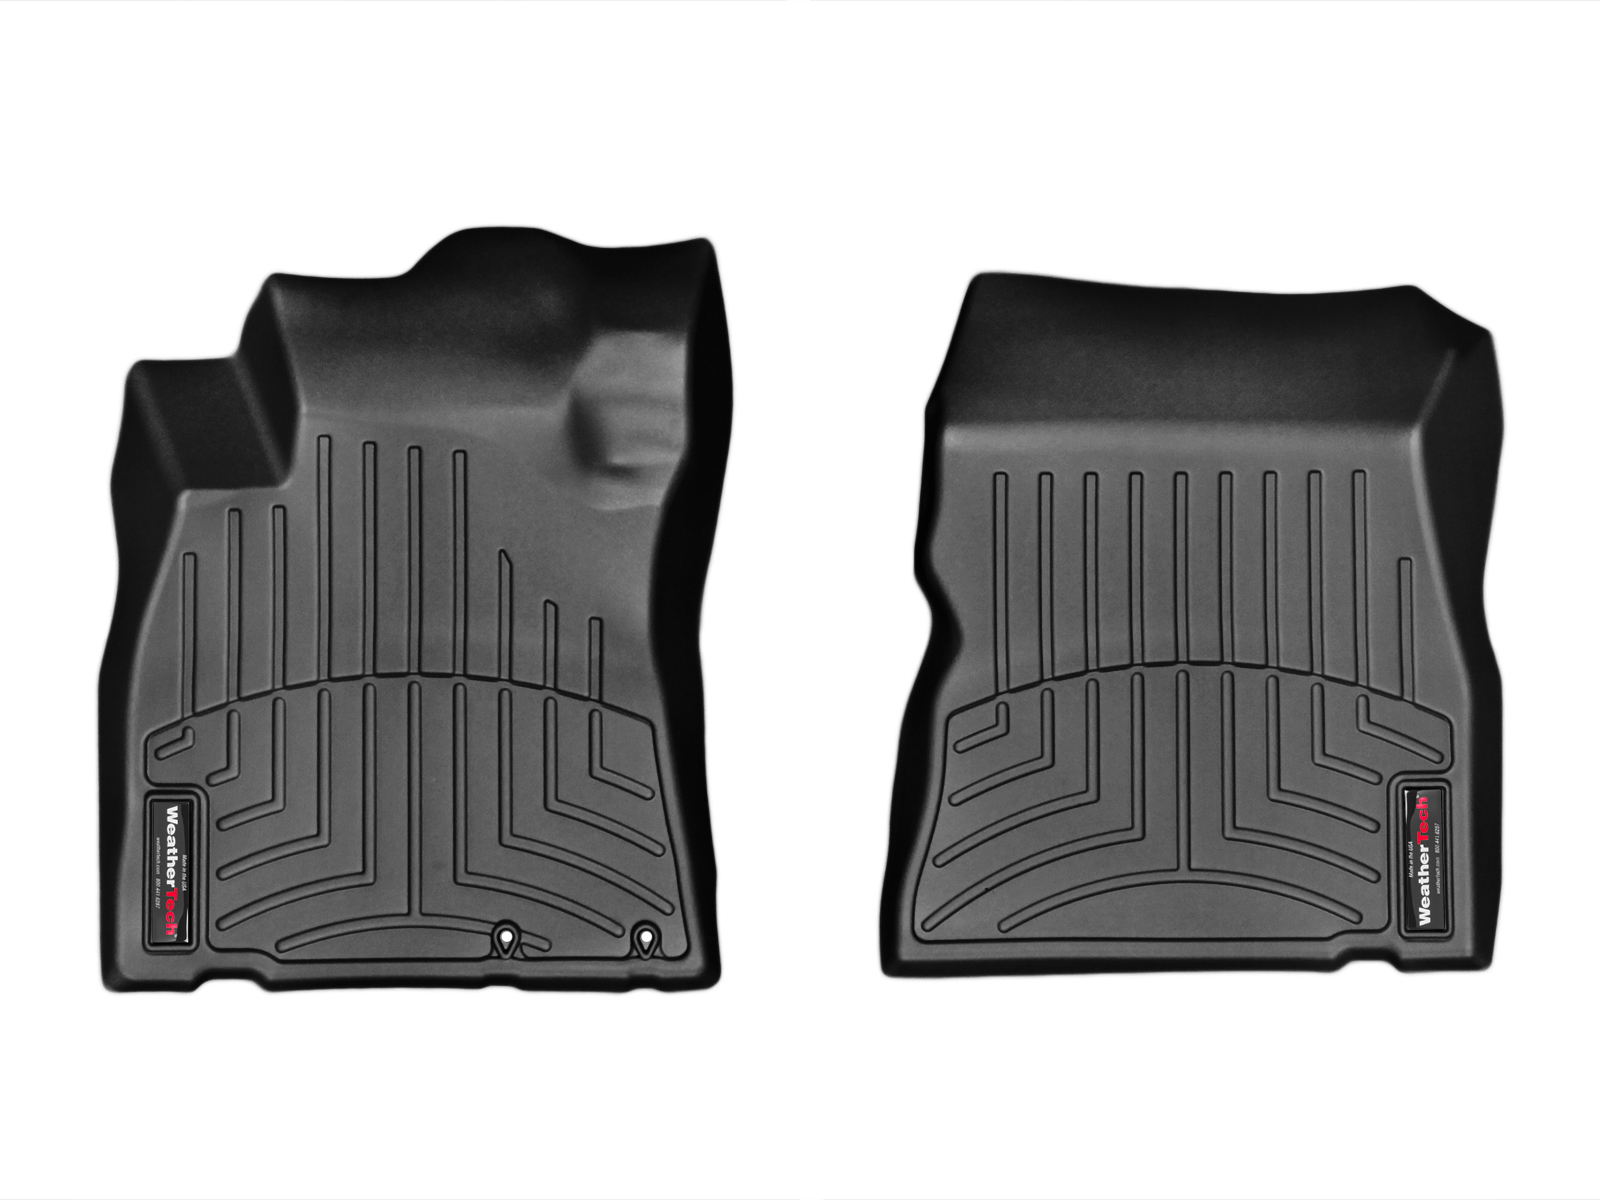 Tappeti gomma su misura bordo alto Nissan Note 14>17 Nero A2905